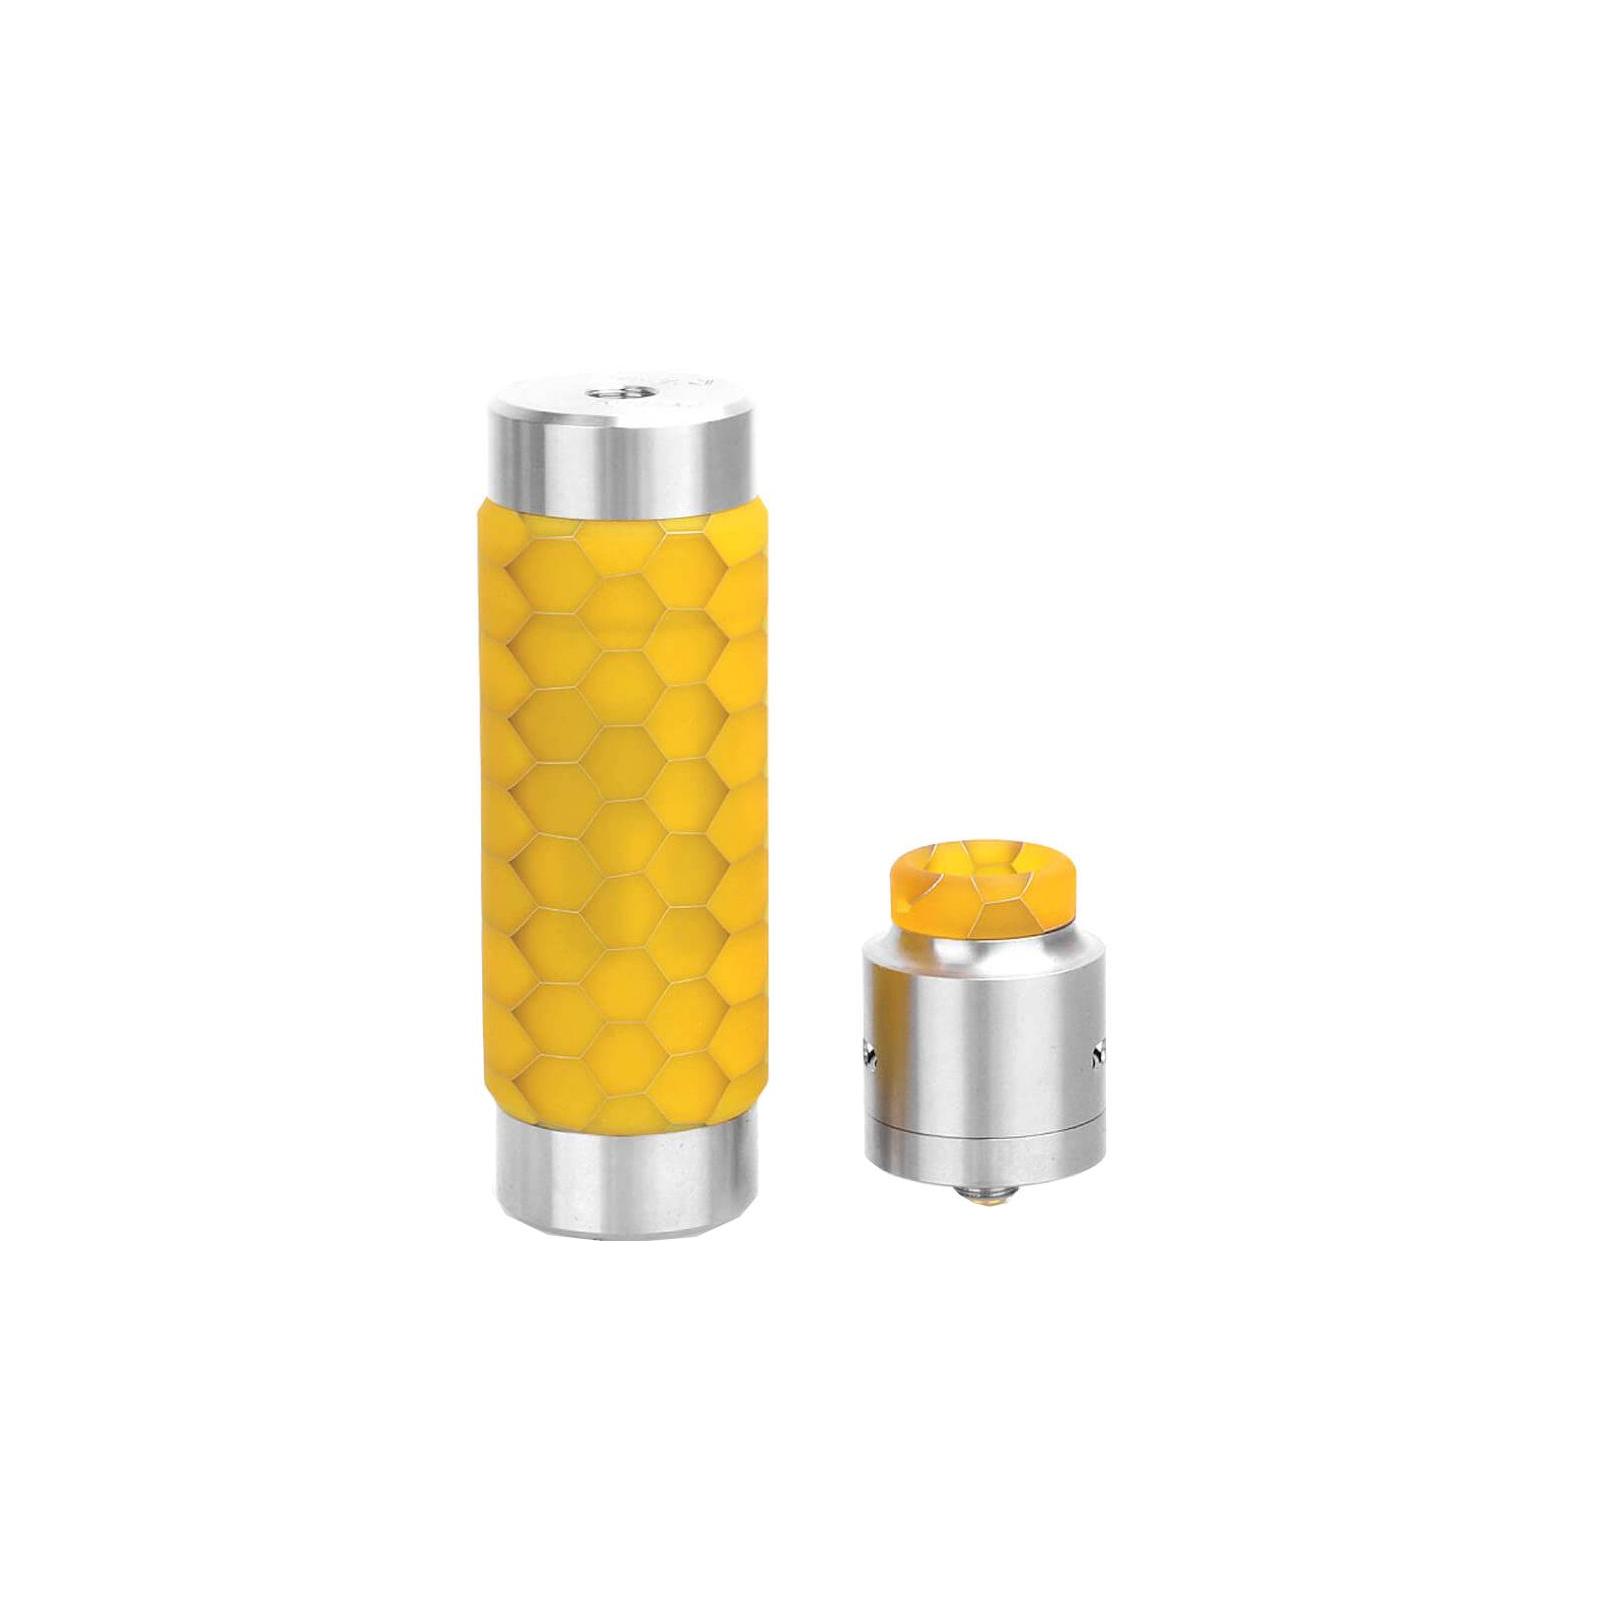 Стартовый набор Wismec Machina RDA Kit Honeycomb Resin (WSMCHY) изображение 2